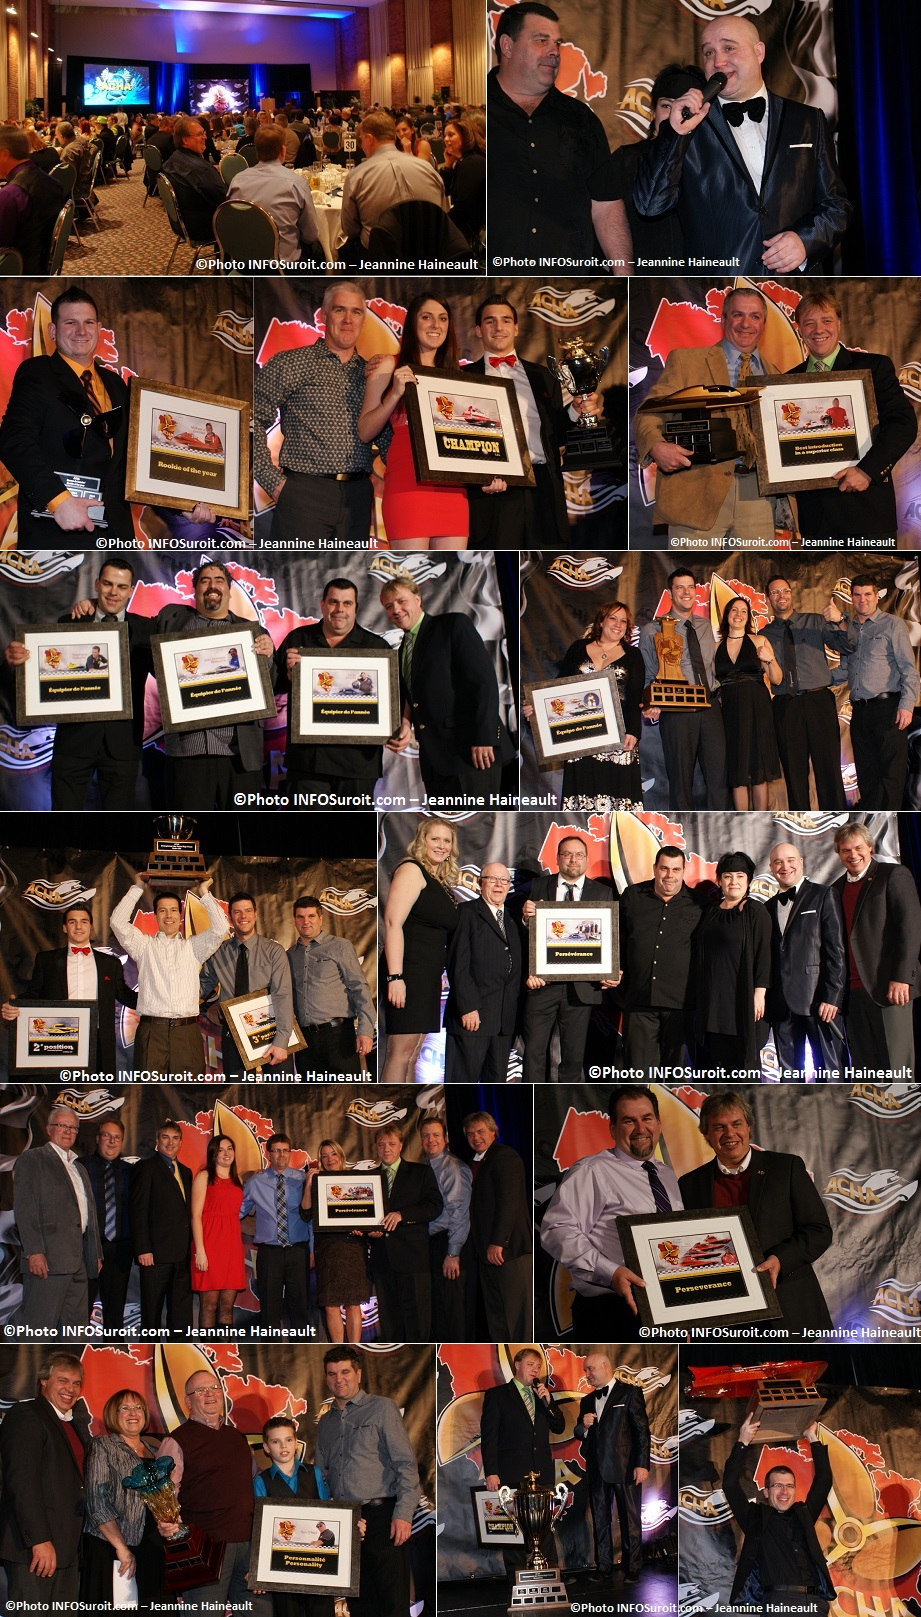 Gala-des-Champions-2013-ACHA-Regates-gagnants-ambiance-Montage-Photos-INFOSuroit_com-Jeannine_Haineault